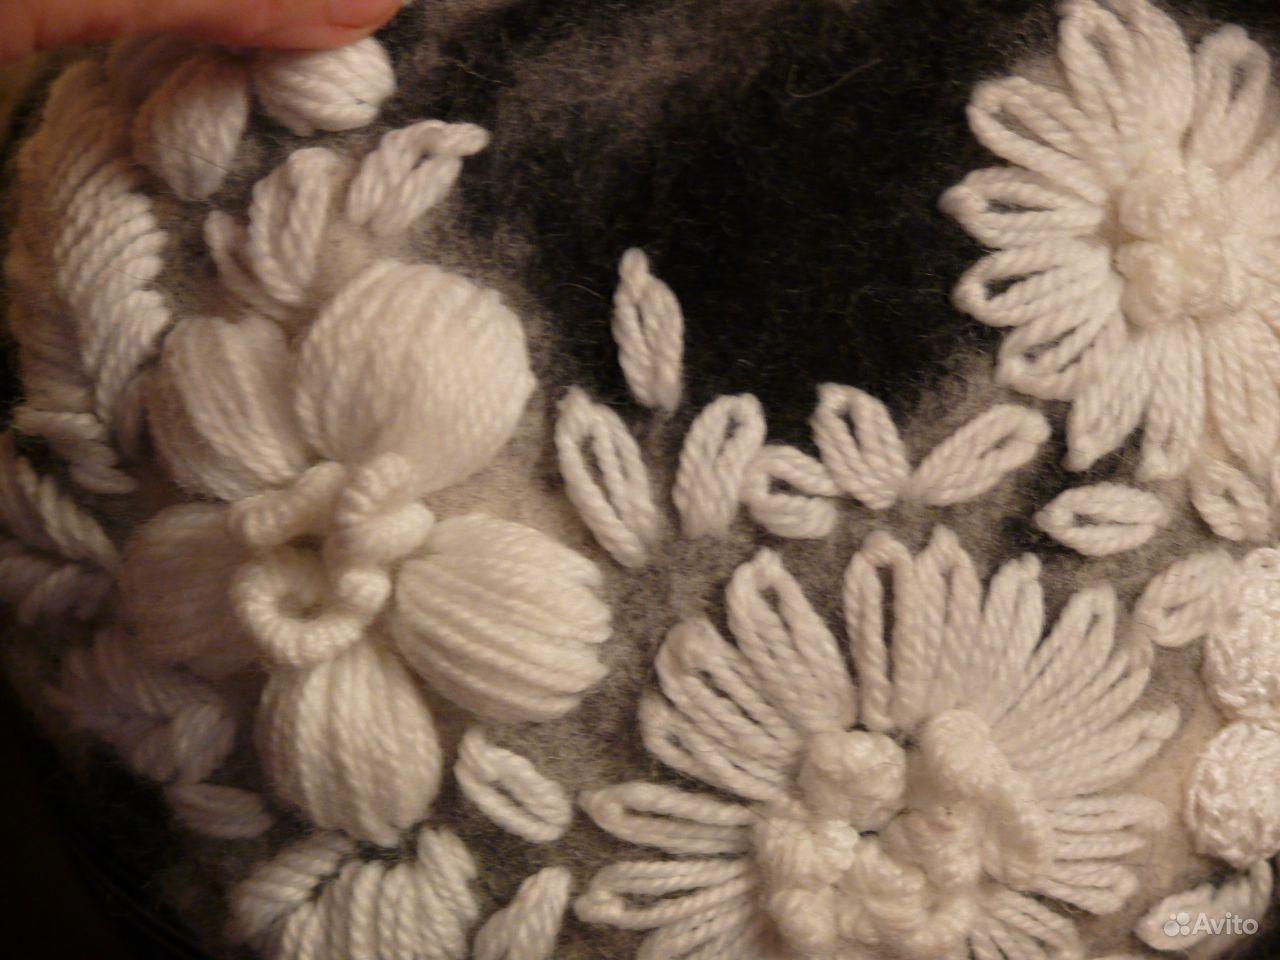 Вышивка толстыми шерстяными нитками на одежде